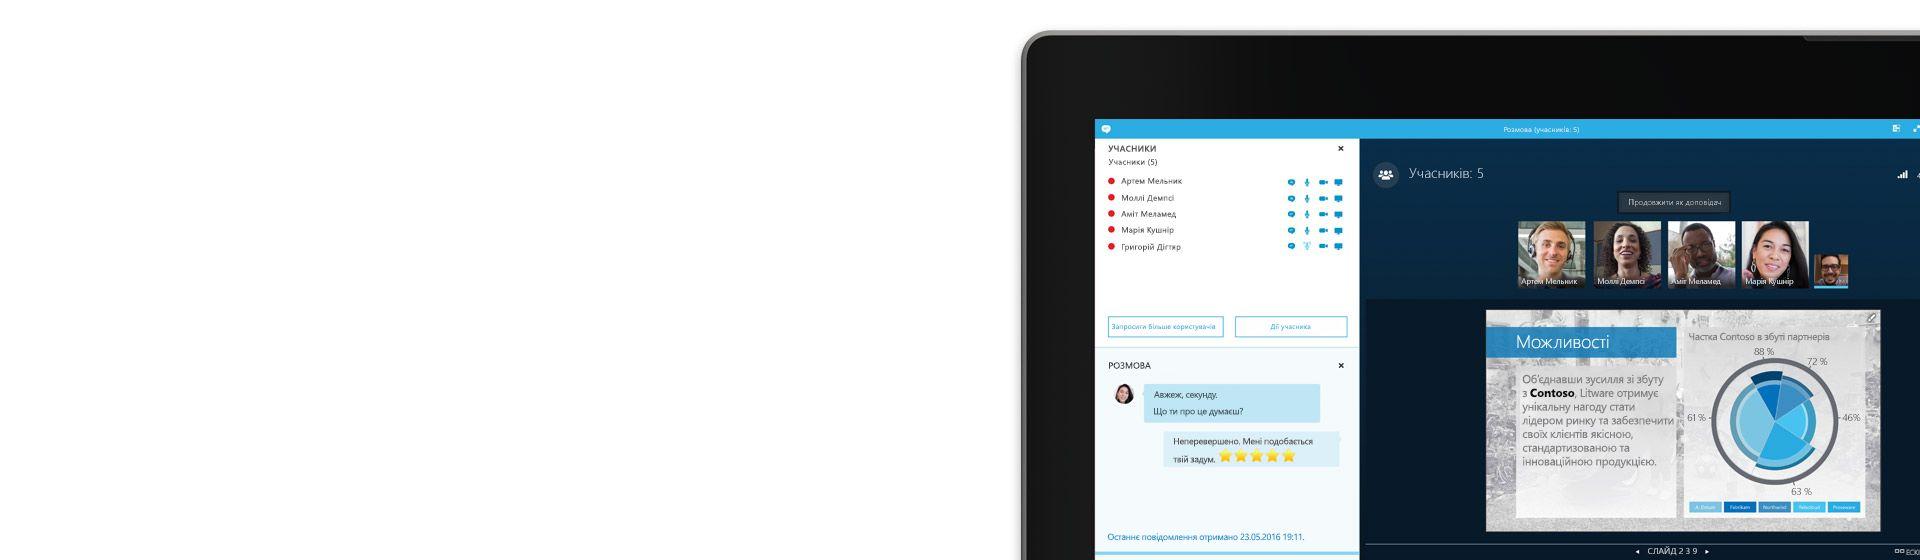 """Кут екрана ноутбука, на якому показано поточну нараду в """"Skype для бізнесу"""" зі списком учасників"""